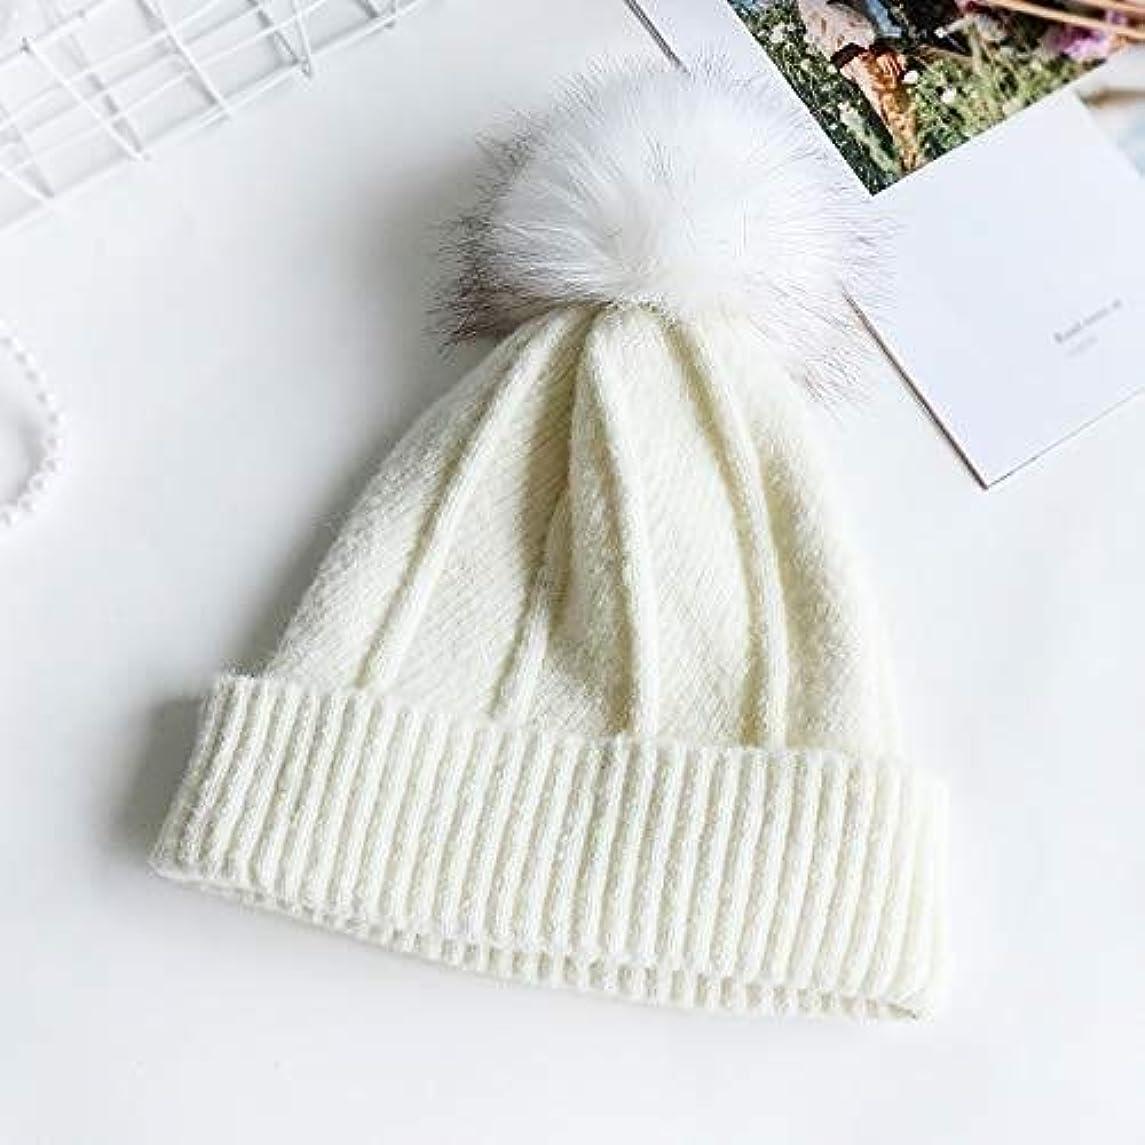 ポテトイースターポップZHWEI 帽子女性の冬の野生ニット帽子冬のソリッドカラー暖かい肥厚の耳の保護 柔らかく暖かい (Color : White, Size : 54-58cm)